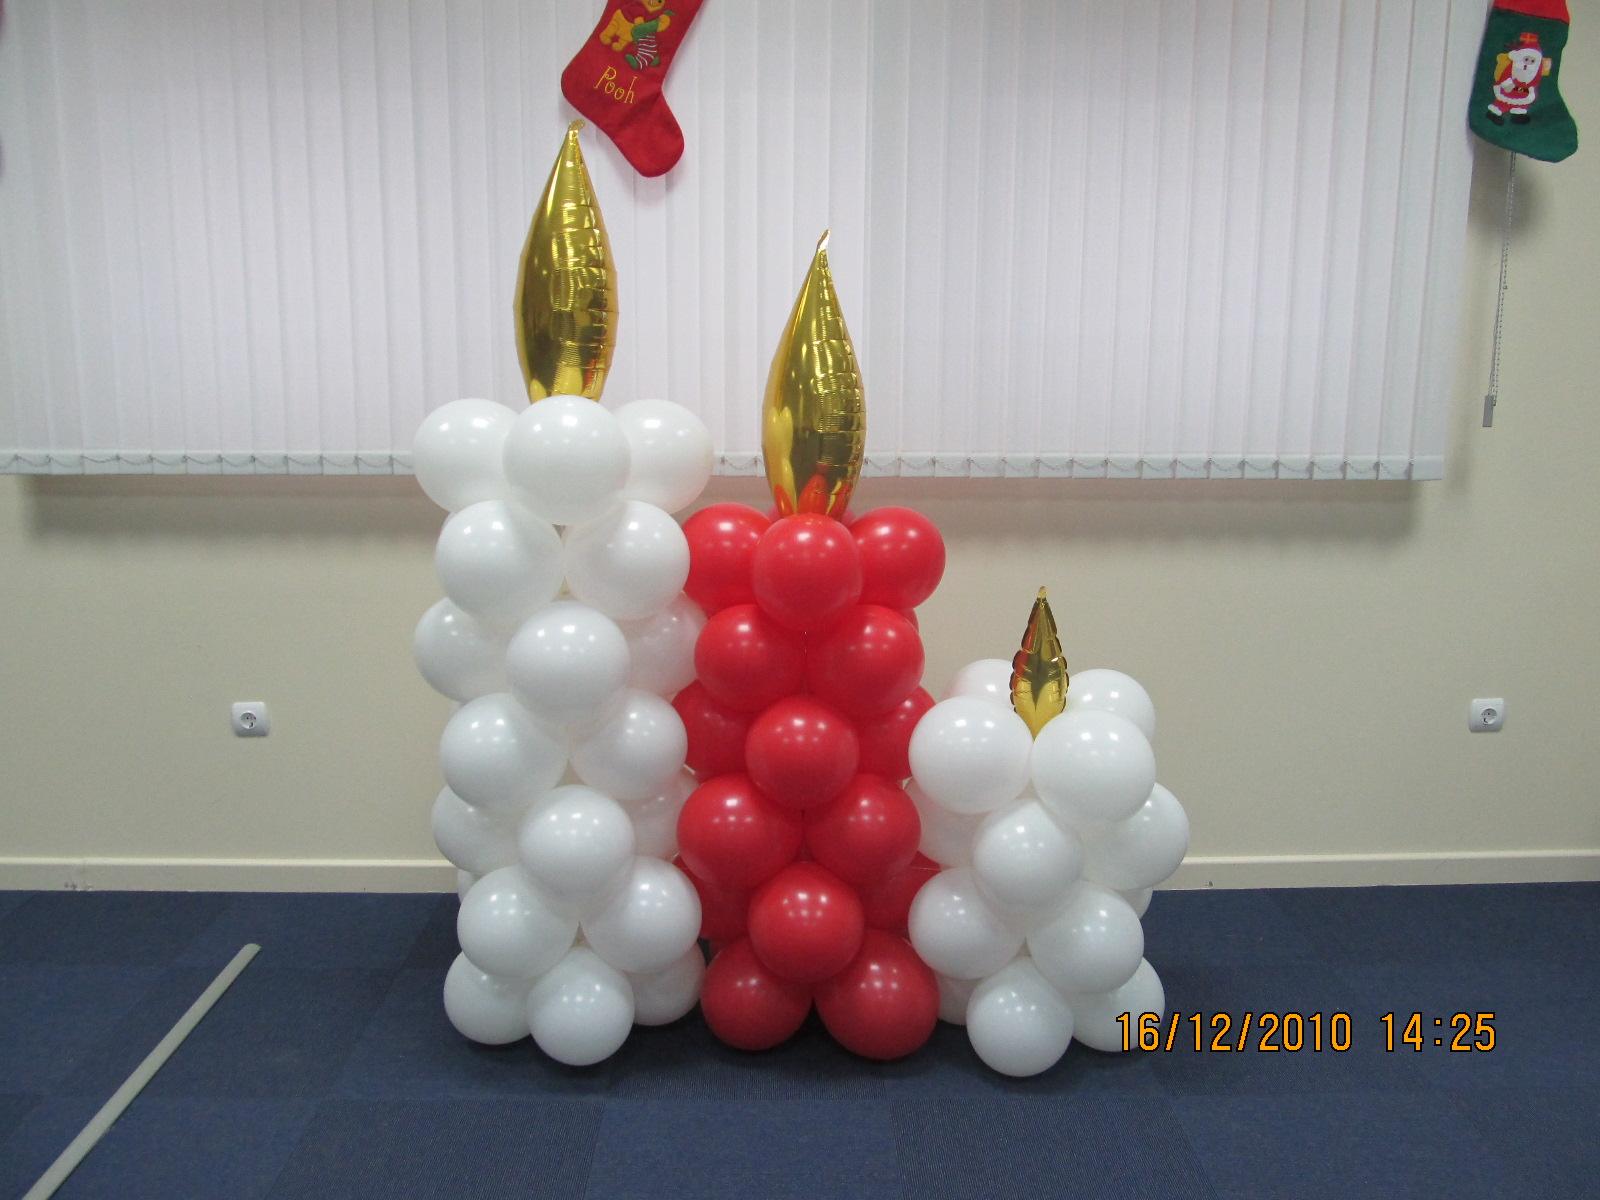 Karl and company decora tu vida con globos - Decora con globos ...